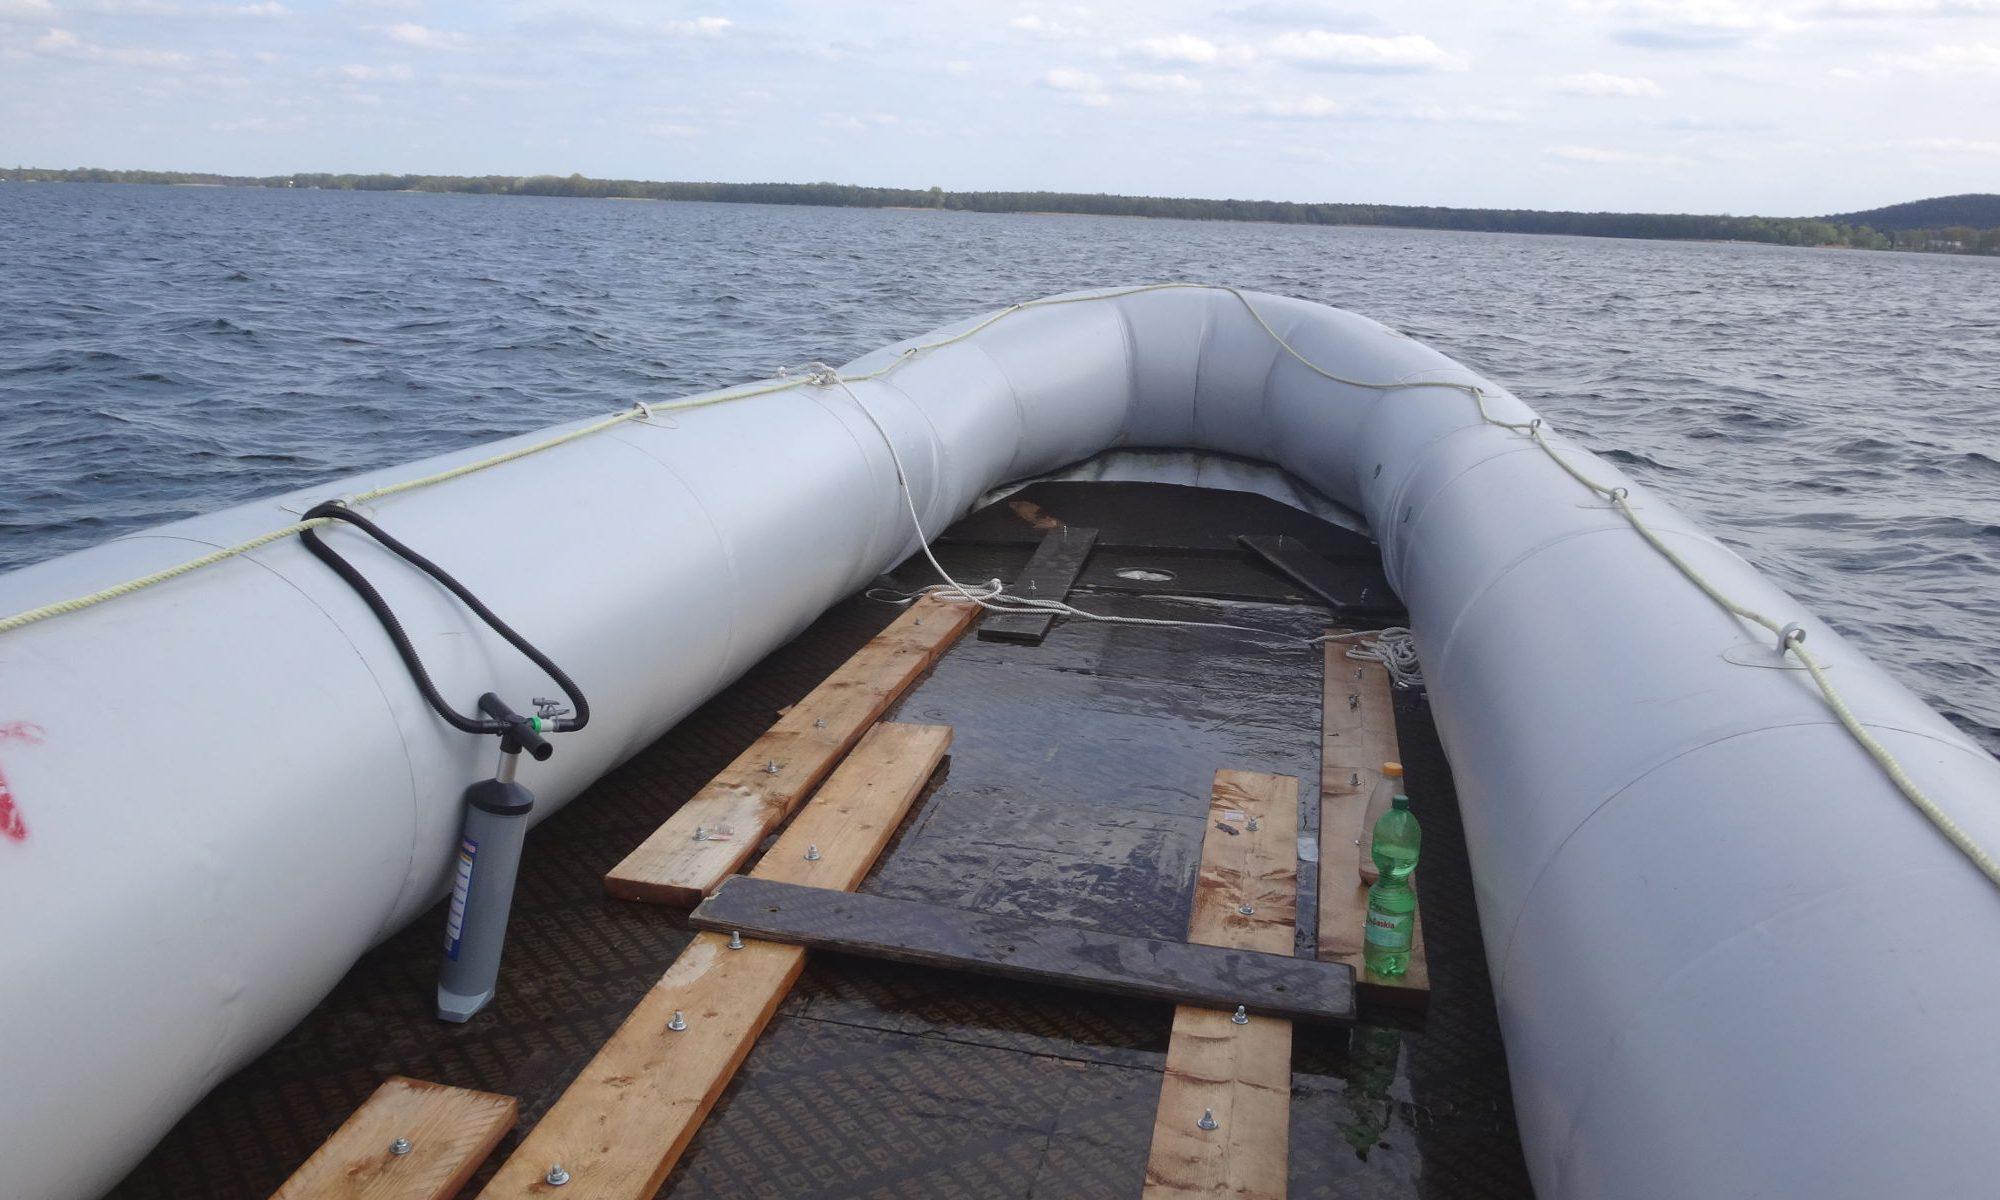 Das Refugee Boat auf dem Wasser